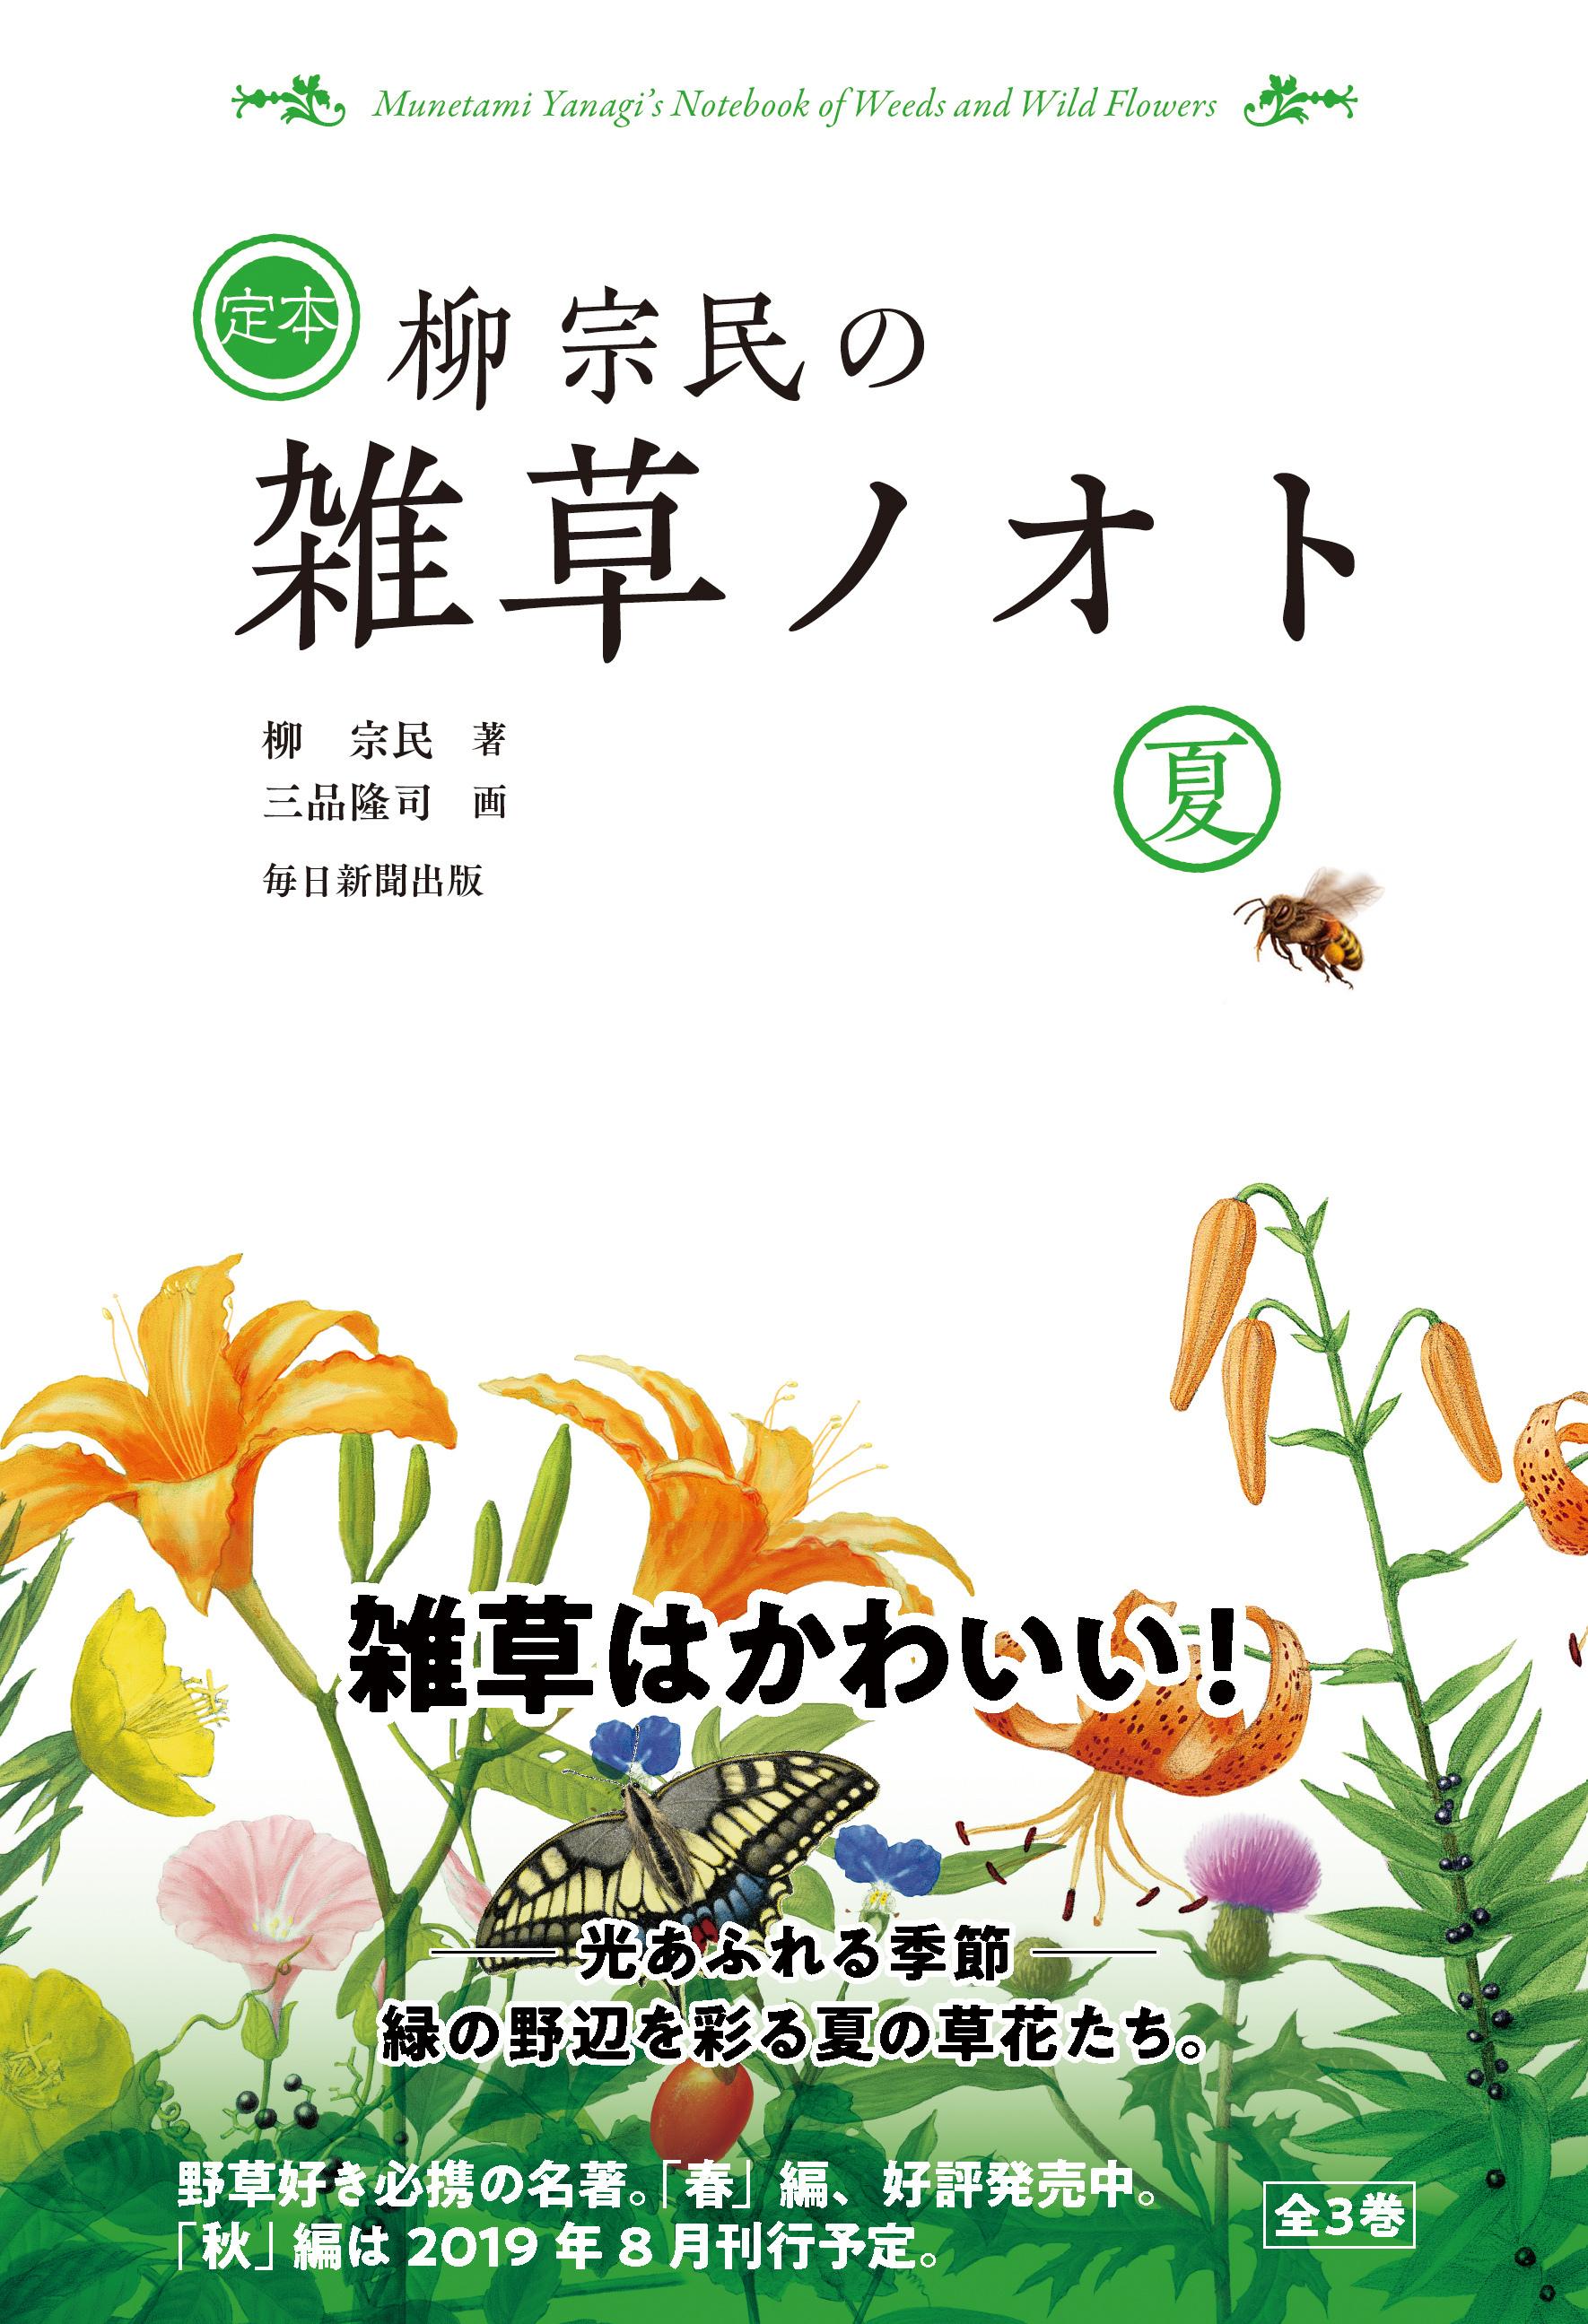 書影:定本 柳宗民の雑草ノオト 夏